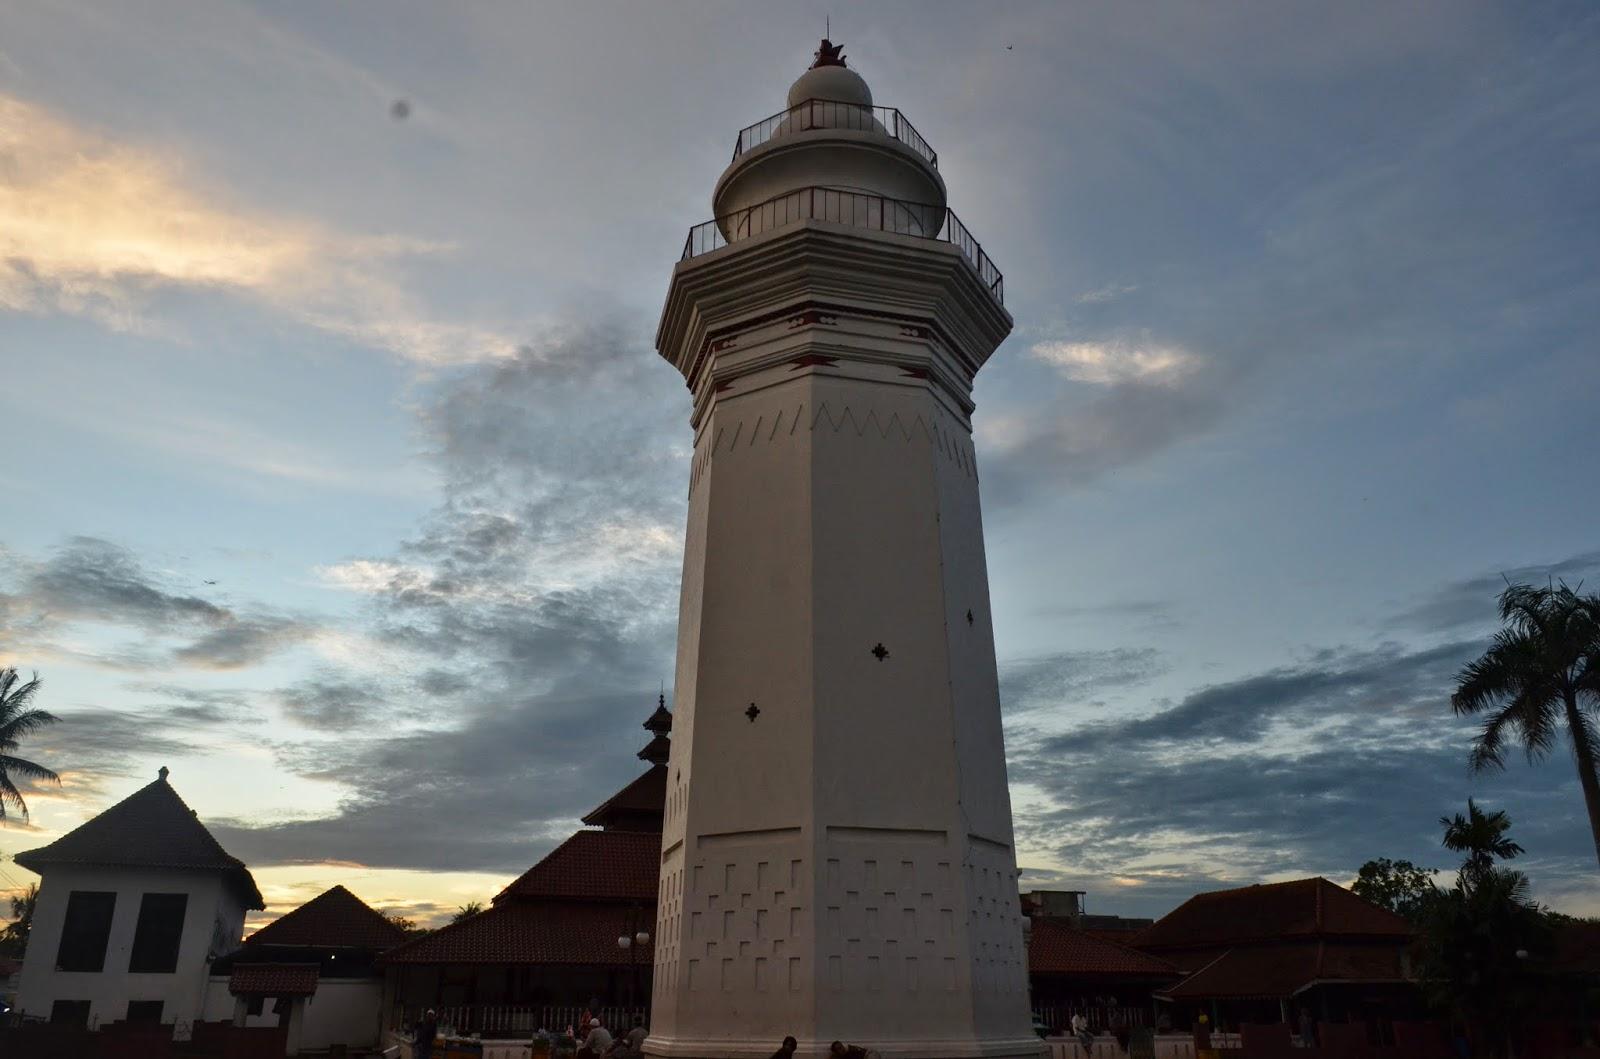 Sejarah Pendidikan Wanita Indonesia Sejarah Islam Wikipedia Bahasa Indonesia Ensiklopedia Bebas Dari Salah Satu Kerajaan Banten Yang Memang Di Akui Seluruh Indonesia